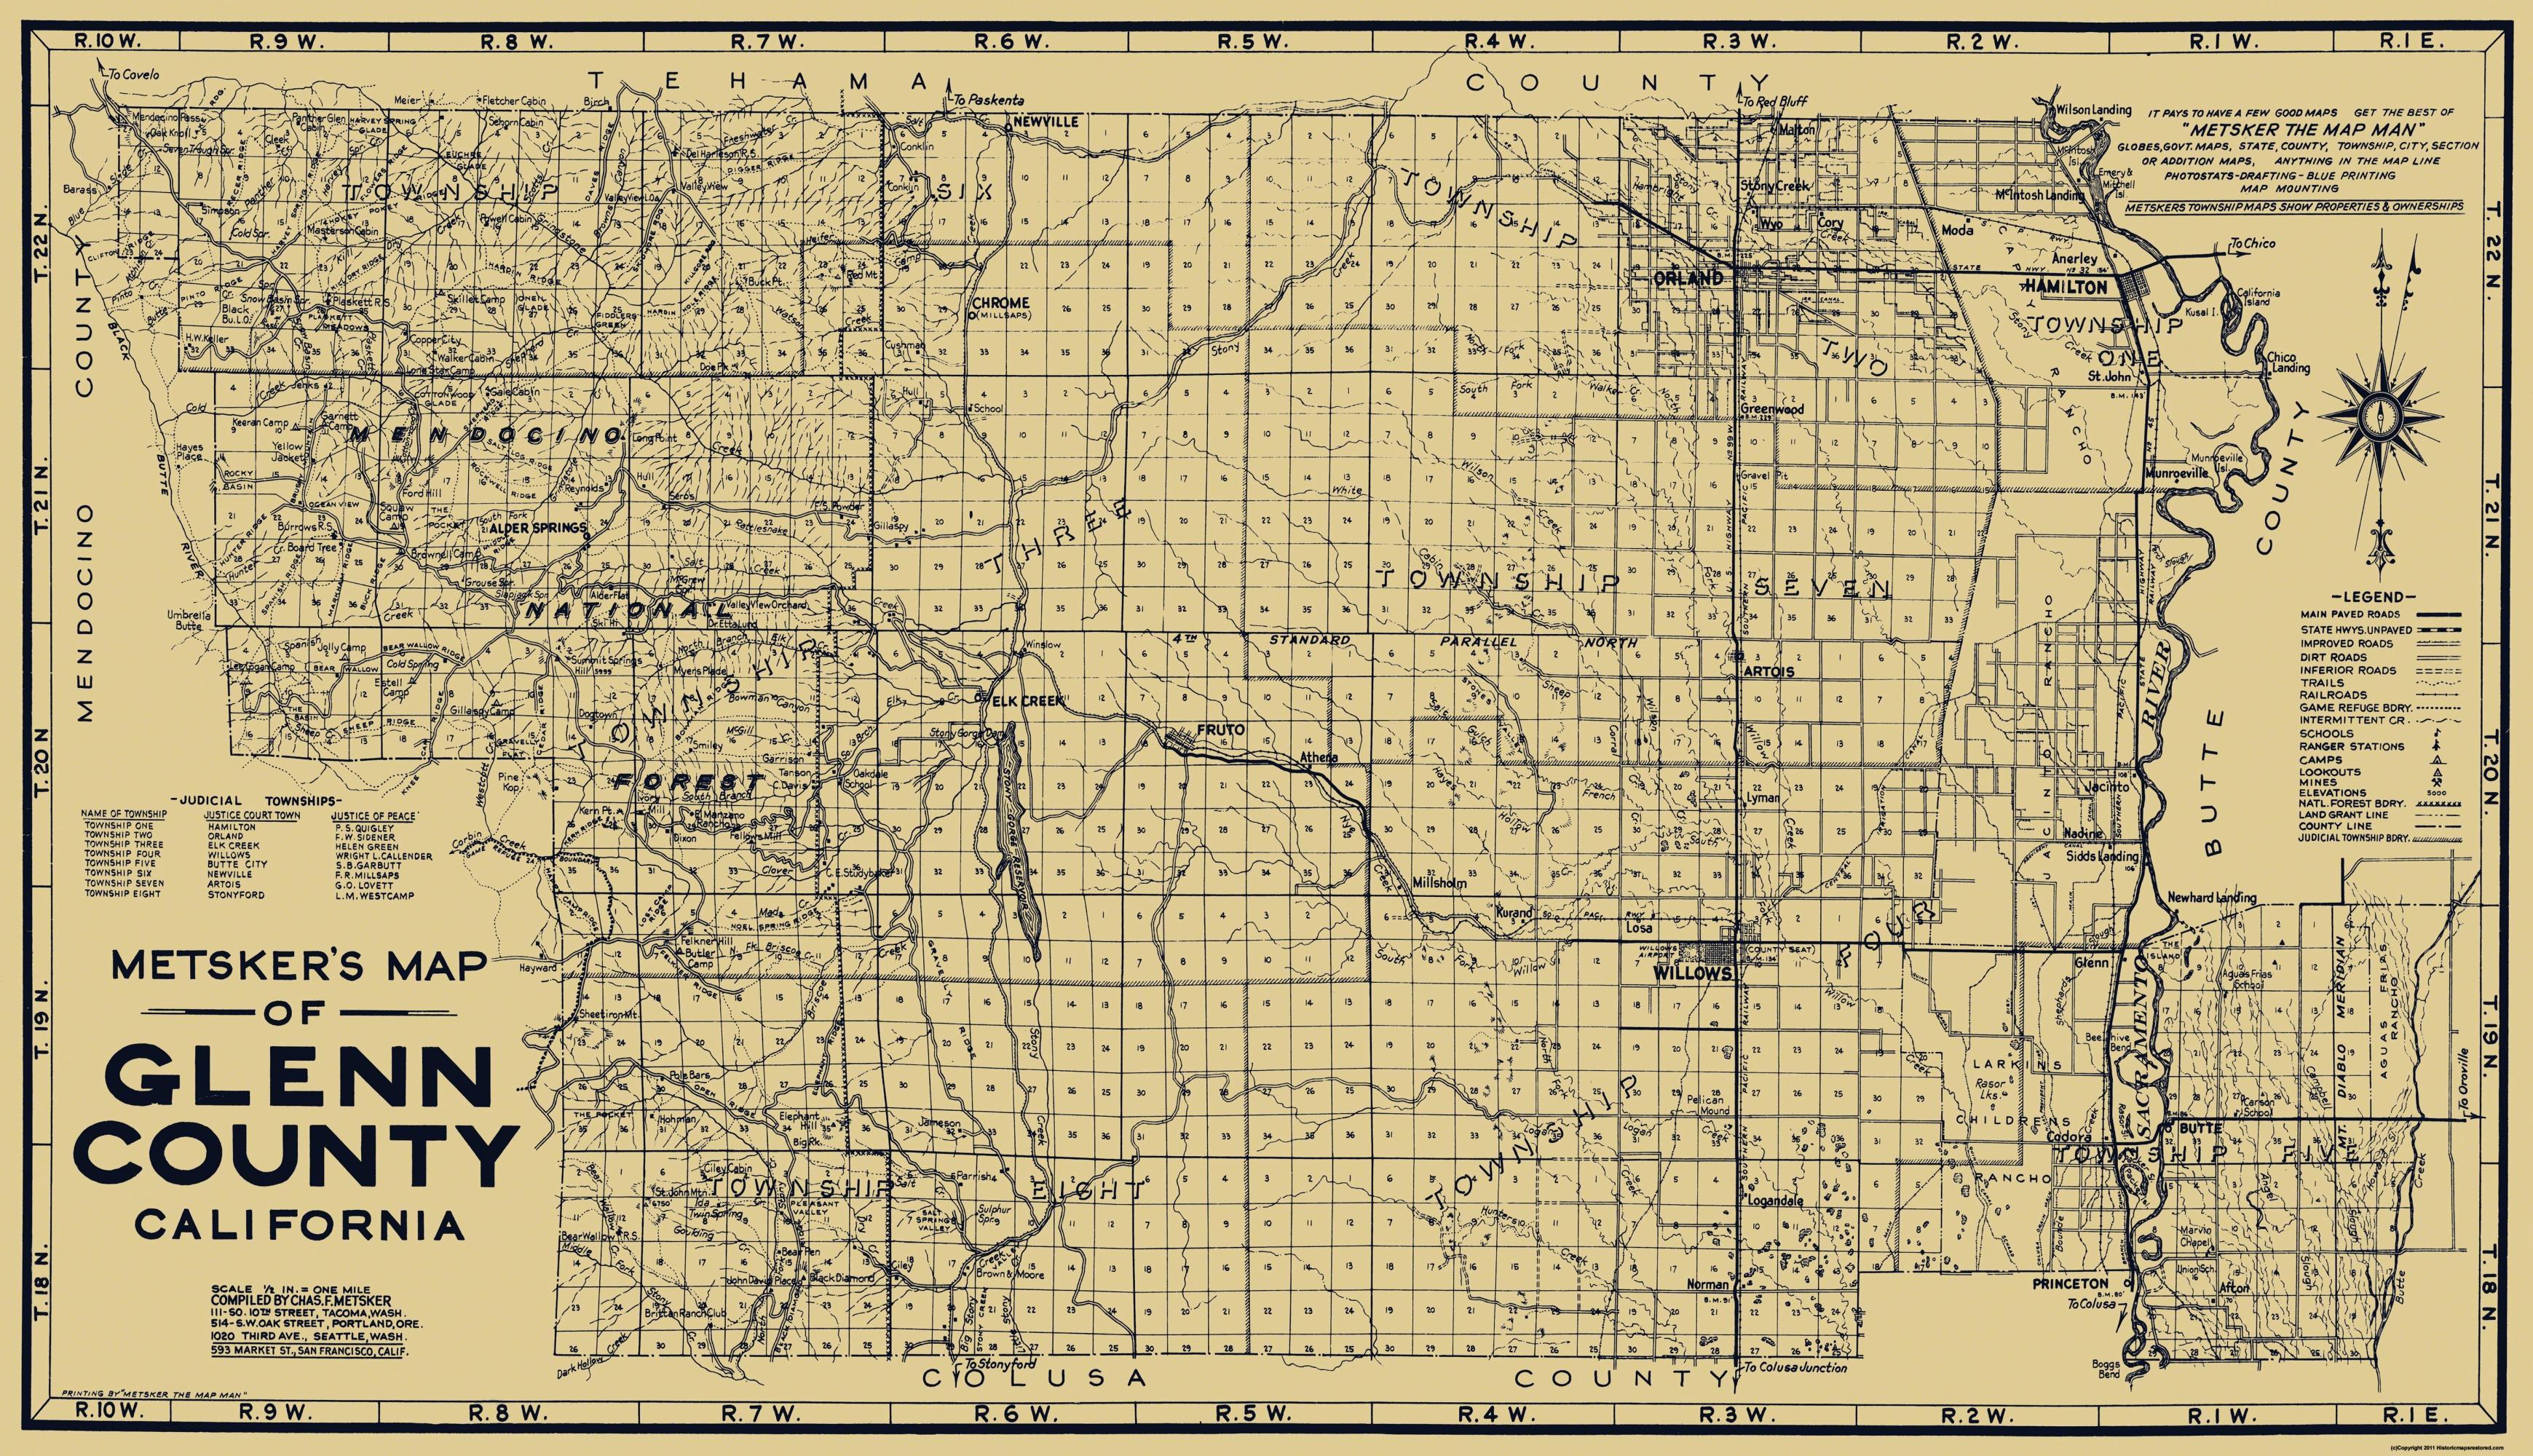 Glenn County California Map.Old County Map Glenn California Metsker 1936